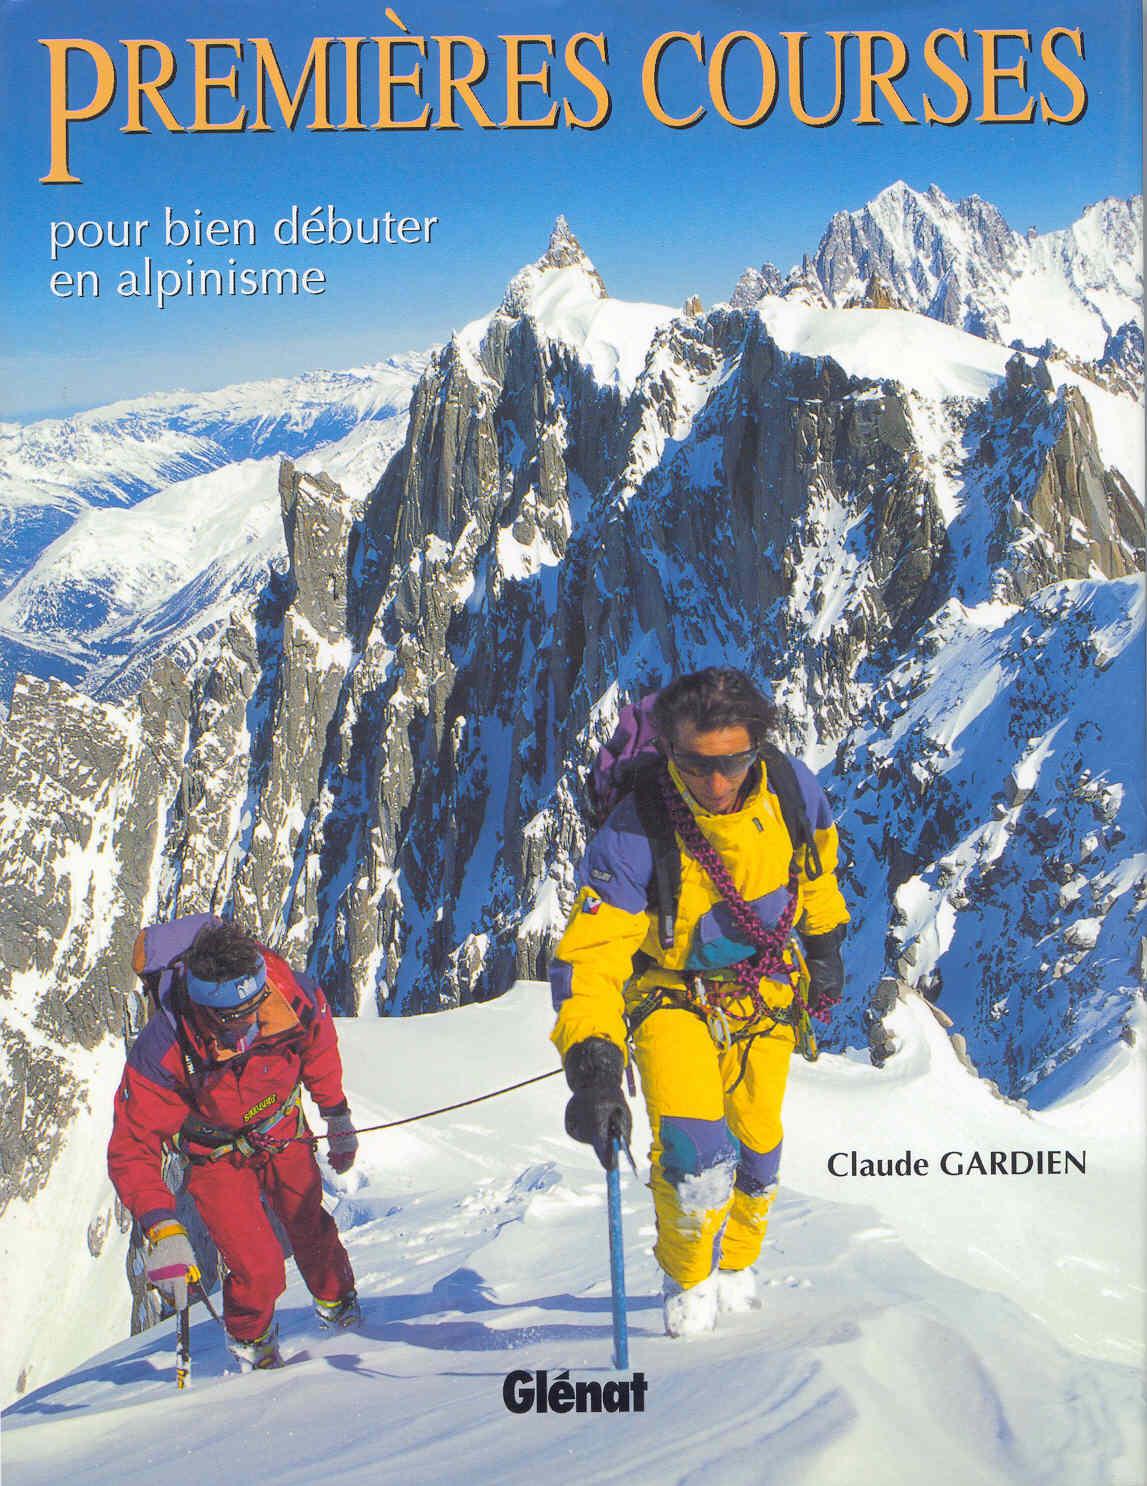 Livre_Premieres courses